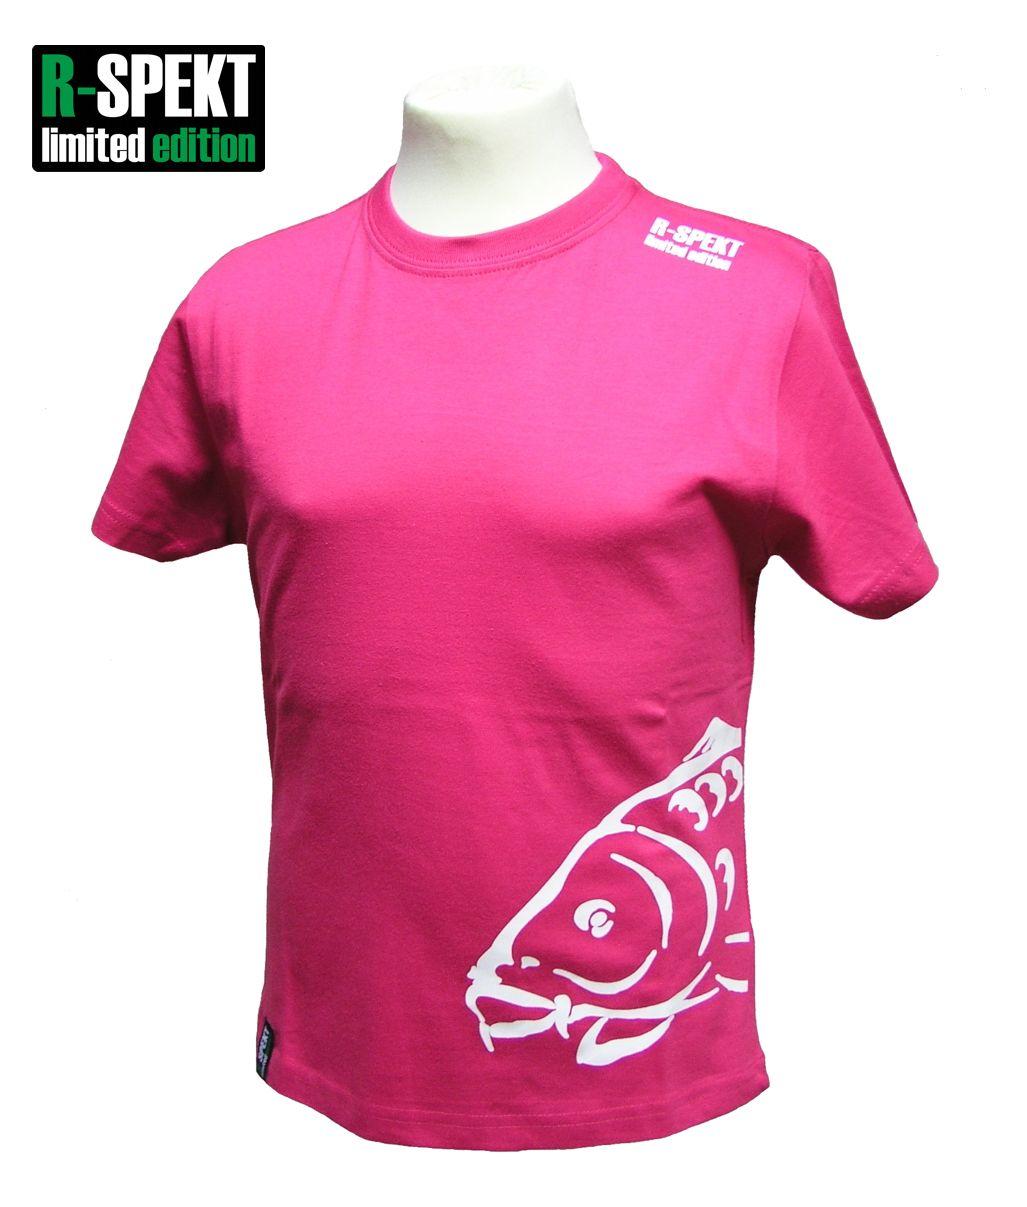 R-spekt detské tričko carper kids ružové-veľkosť 11/12 yrs